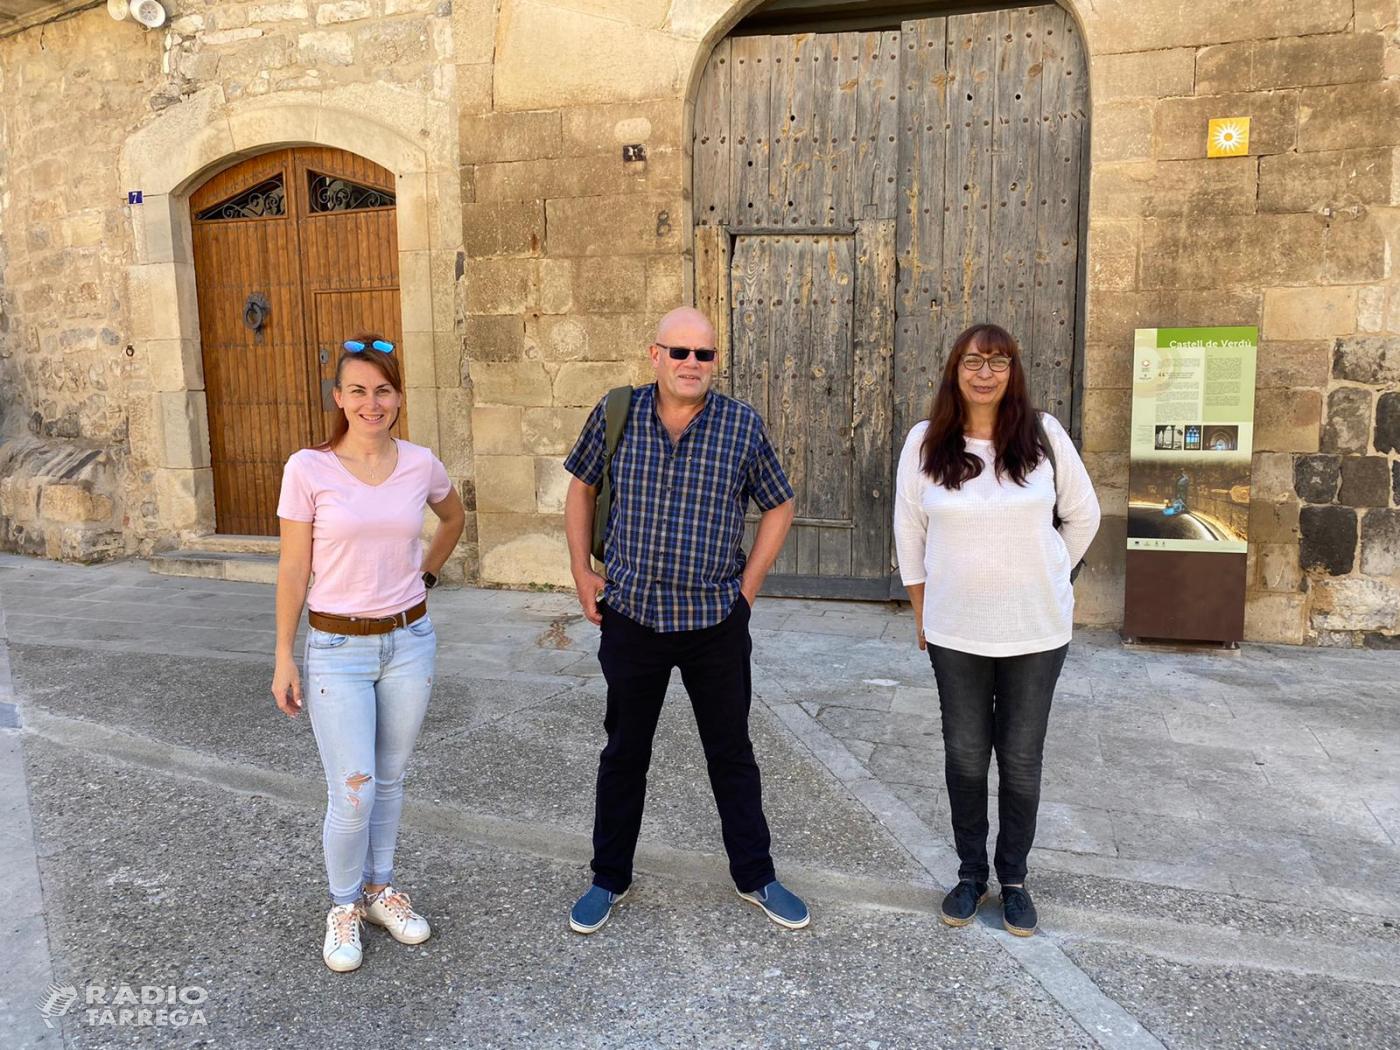 Viatge de premsa per descobrir el Camí Ignasià a l'Urgell